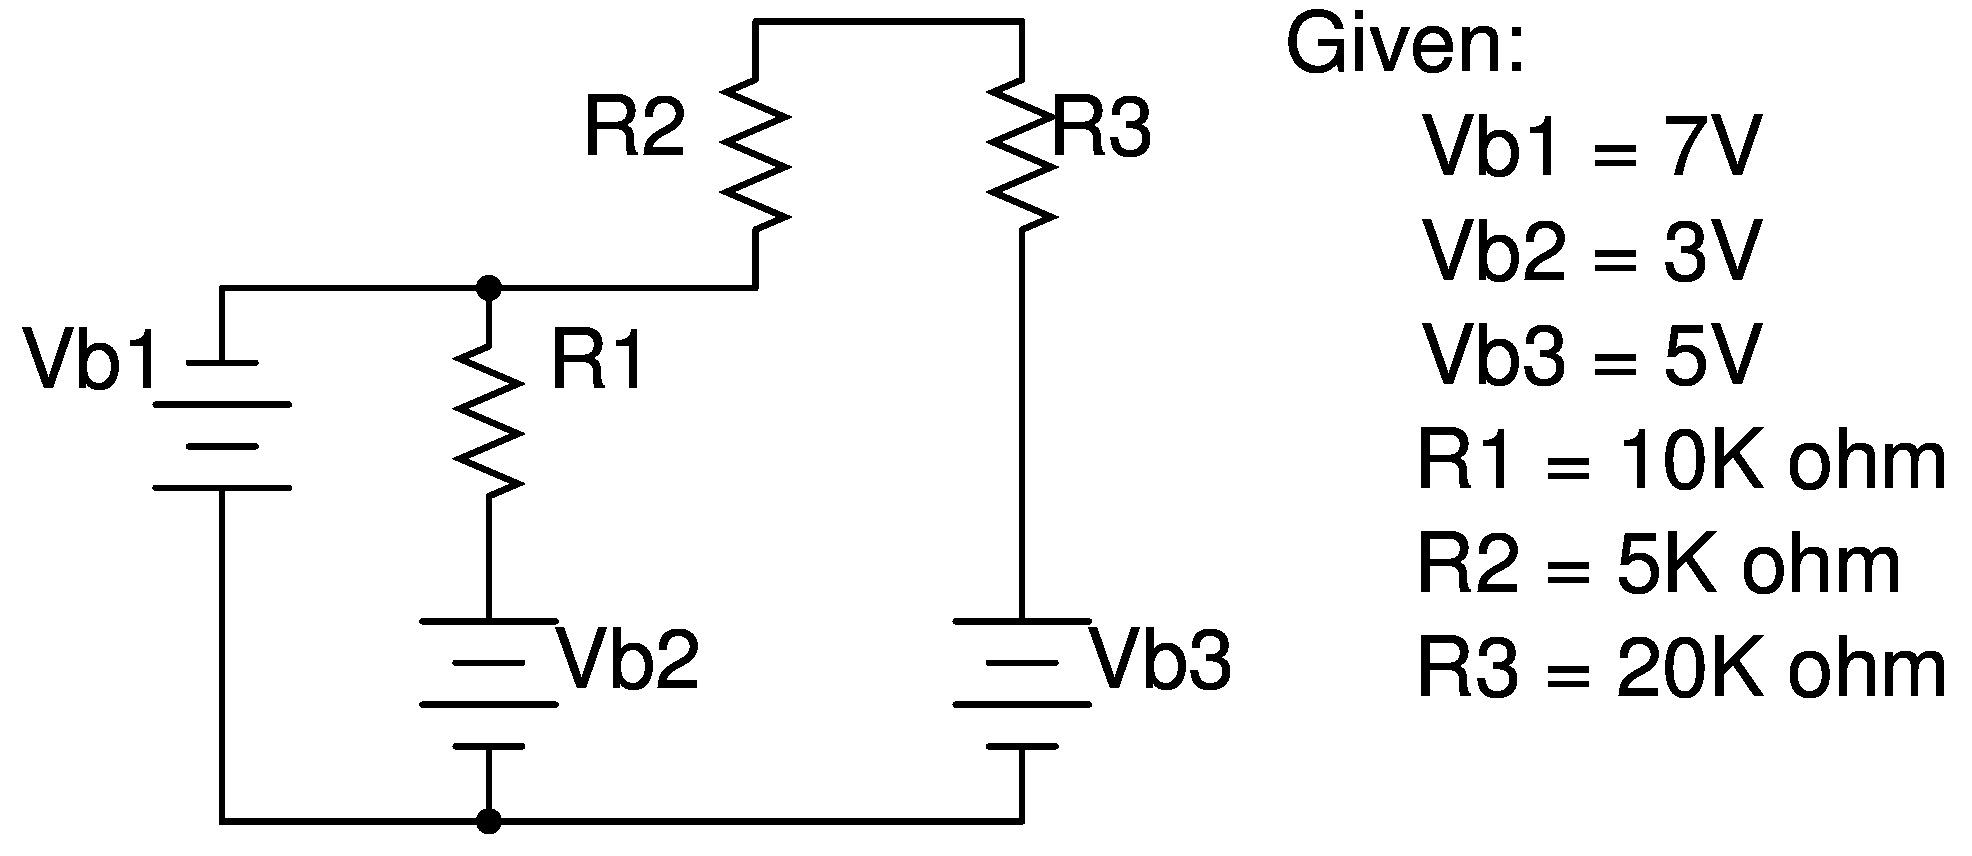 Basic Electronic Exercises